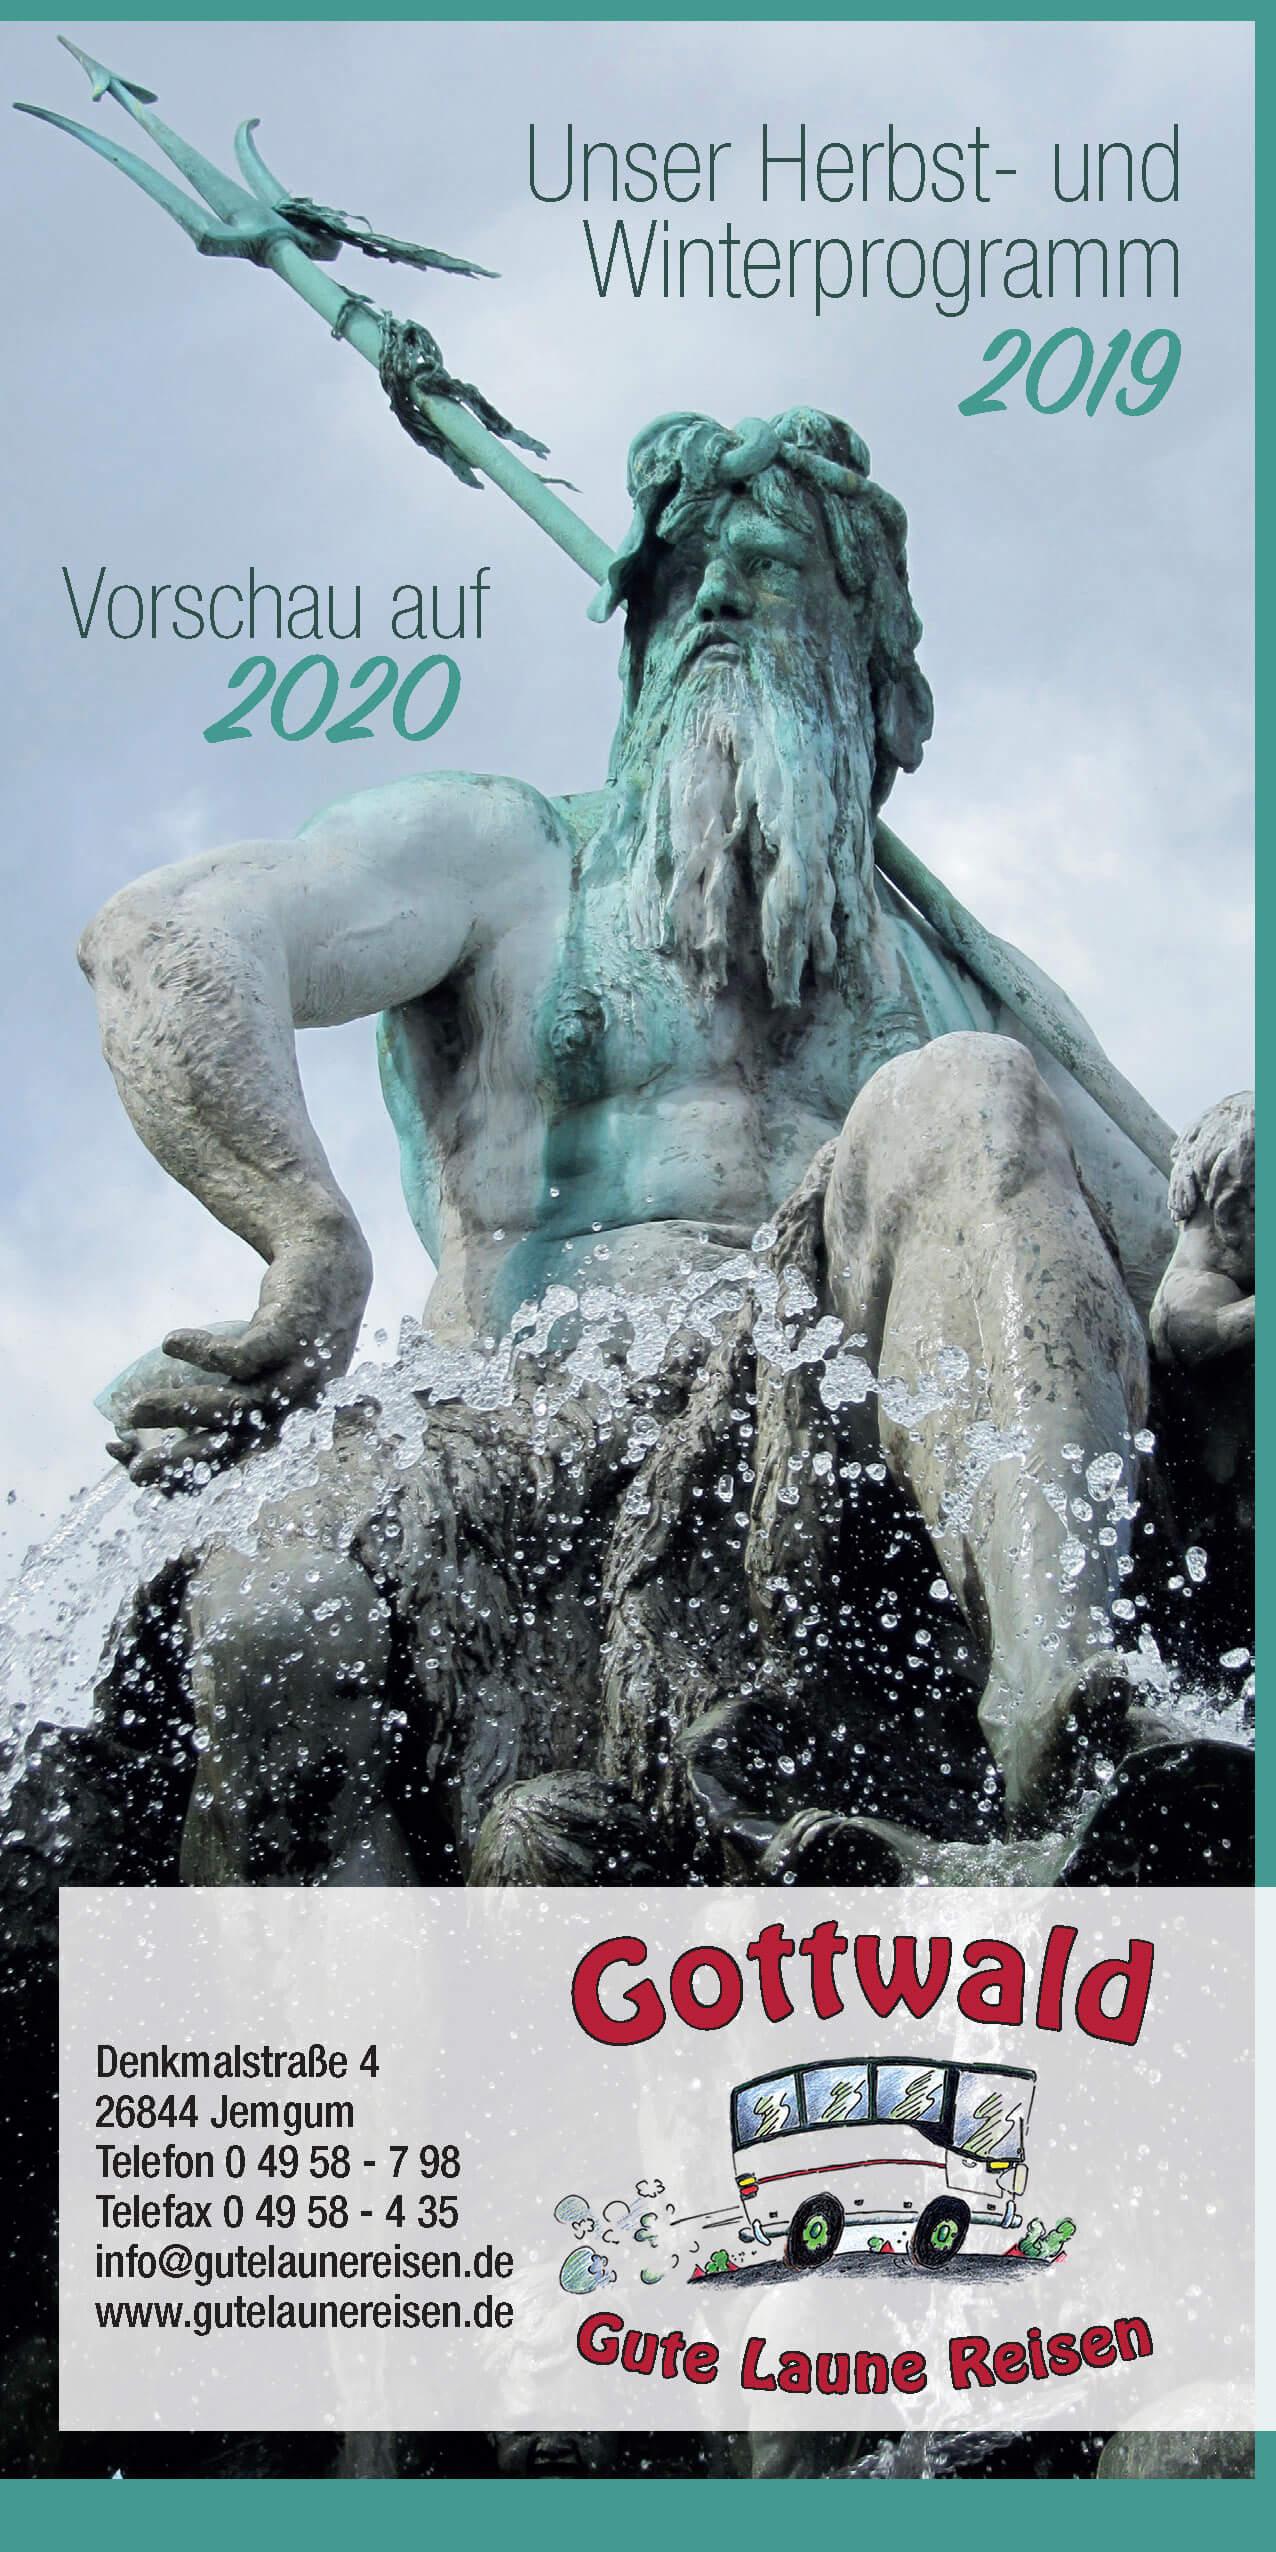 Unser Herbst- und Winterprogramm 2019 mit Vorschau auf 2020